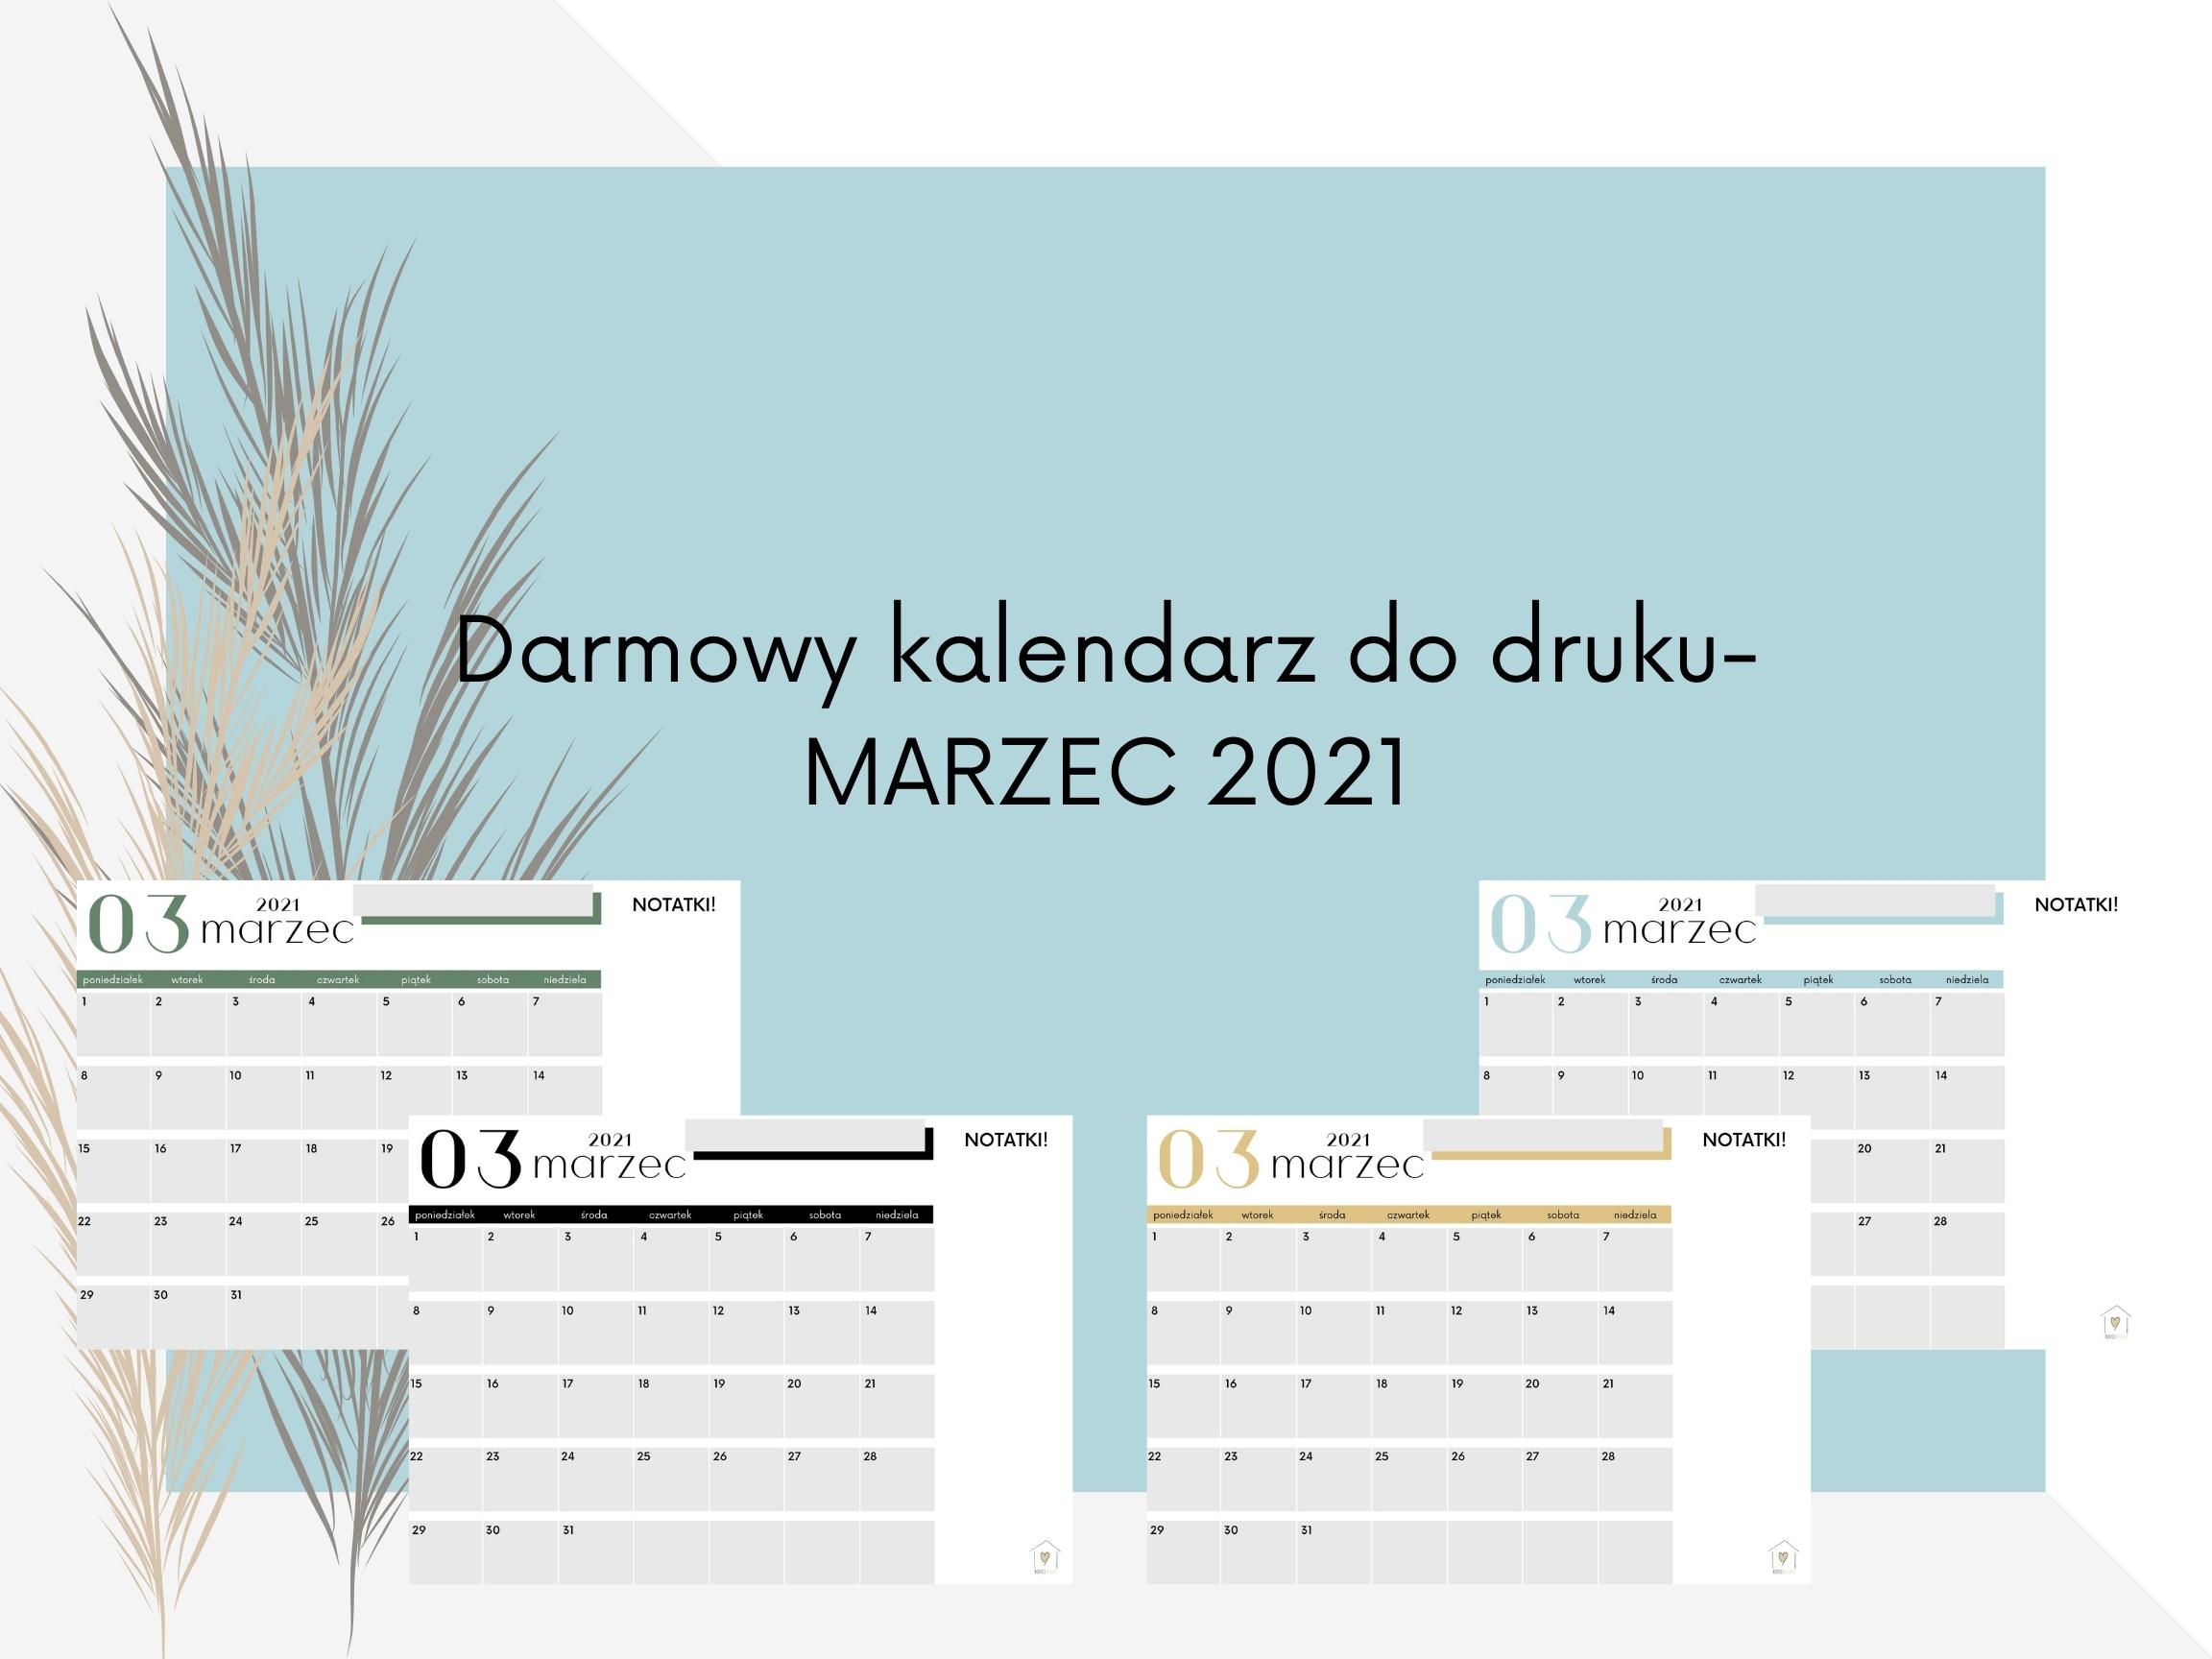 Darmowy kalendarz do druku MARZEC 2021- pobierz, drukuj, planuj!